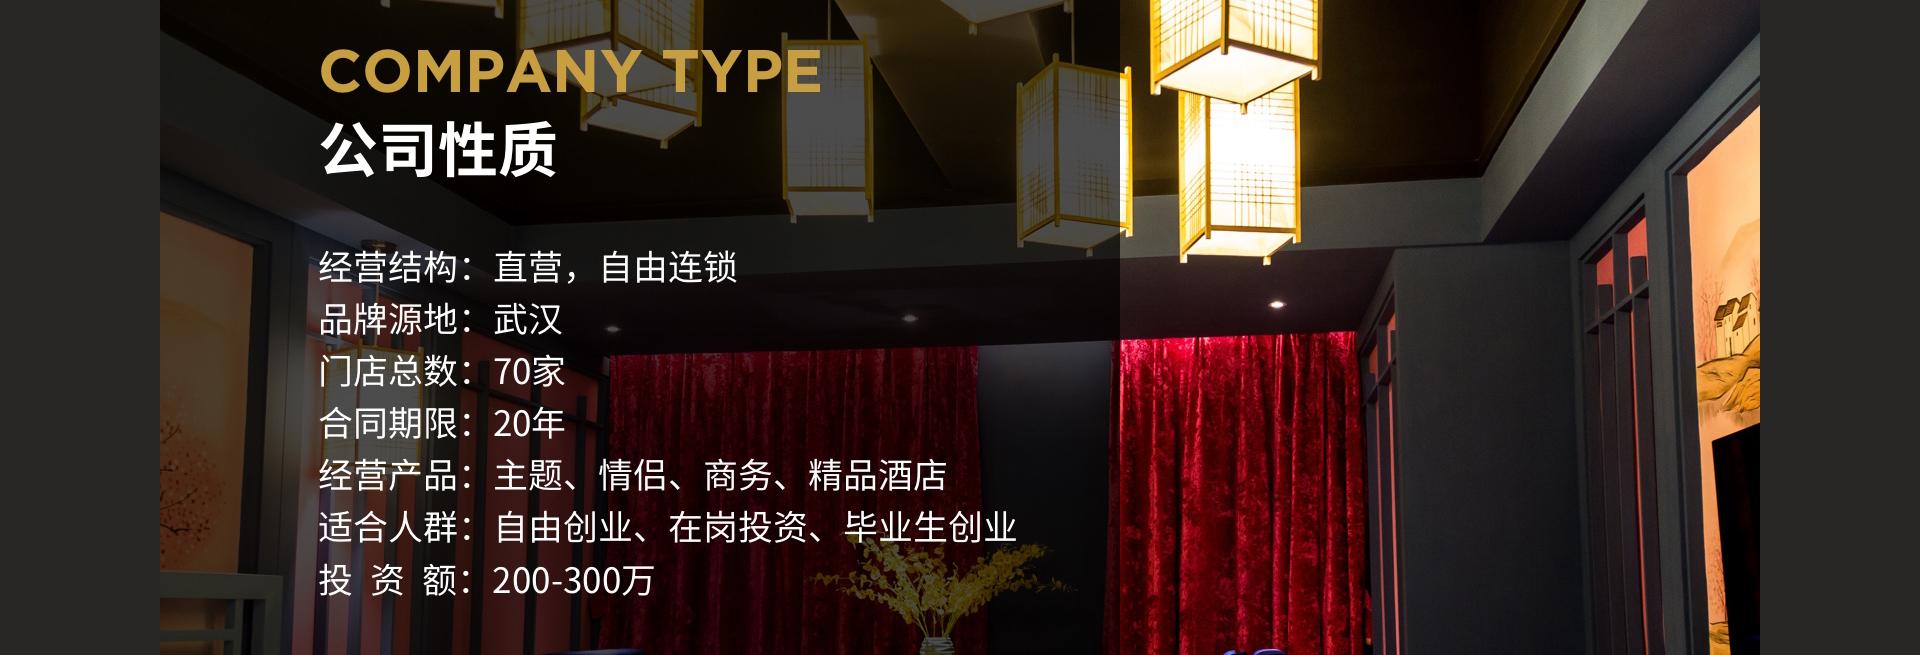 天鹅恋酒店PC_04